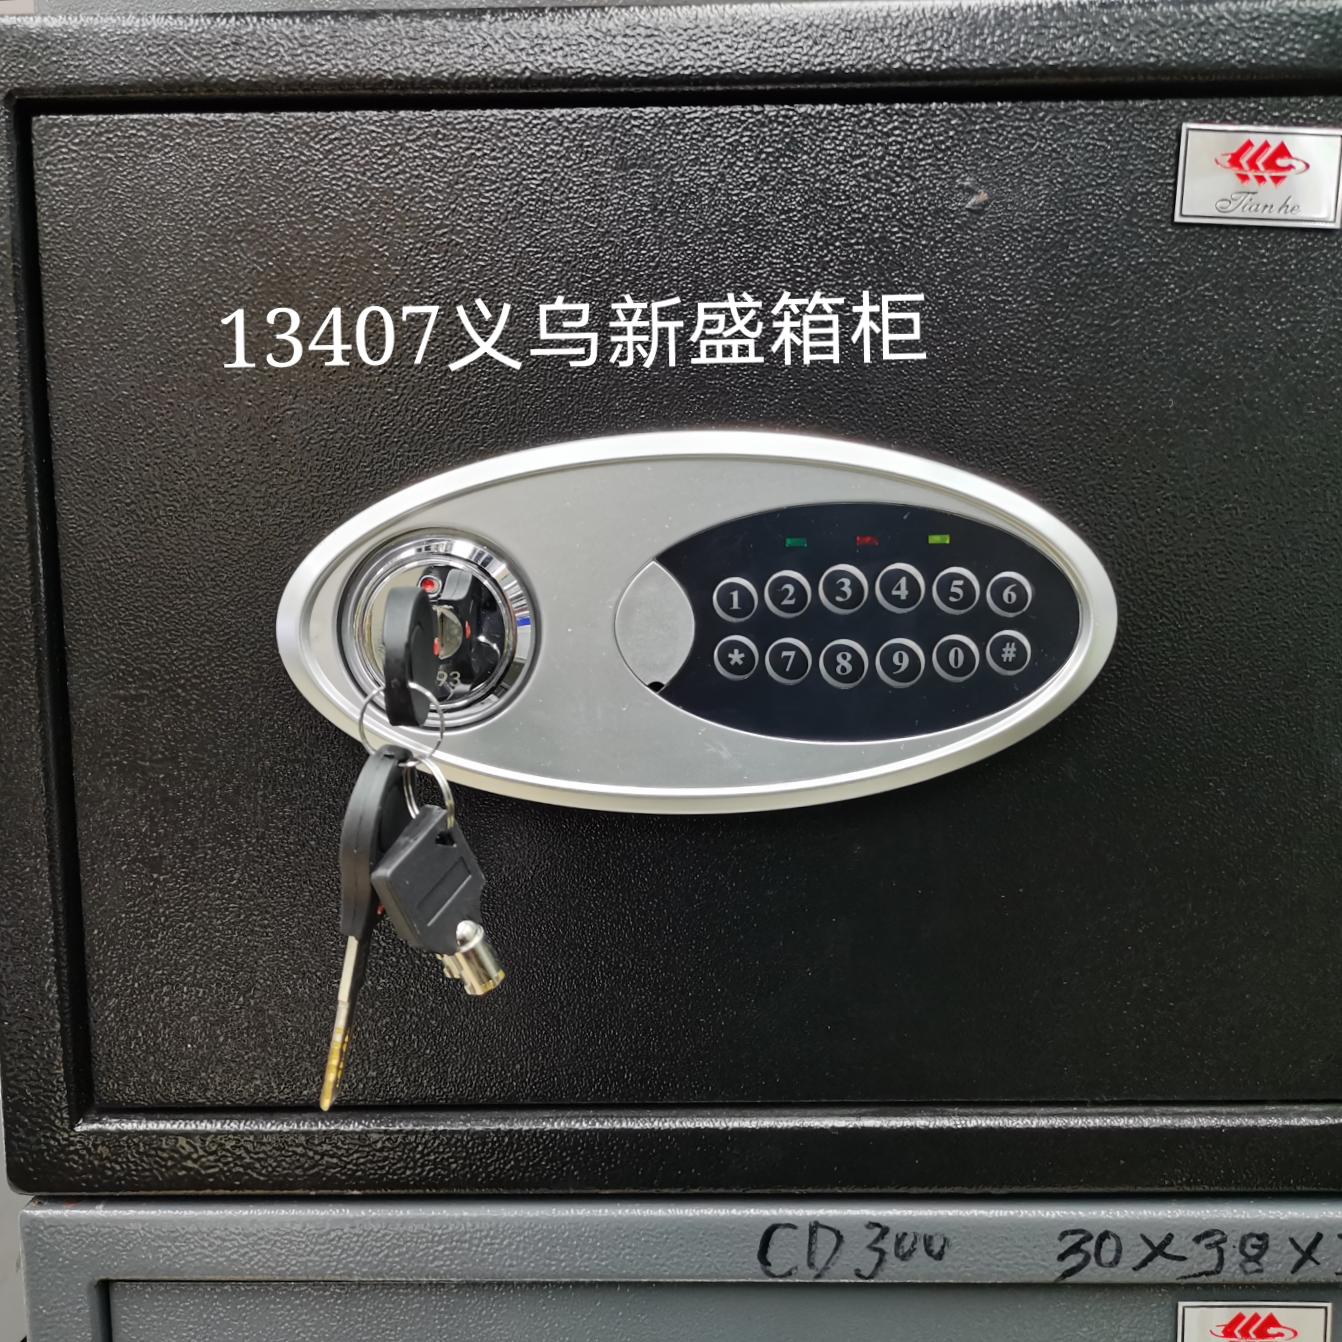 13407新盛箱柜家用30cm高宾馆防火电子钱盒密码箱保管柜TD30保管箱加大锁储蓄罐存钱罐